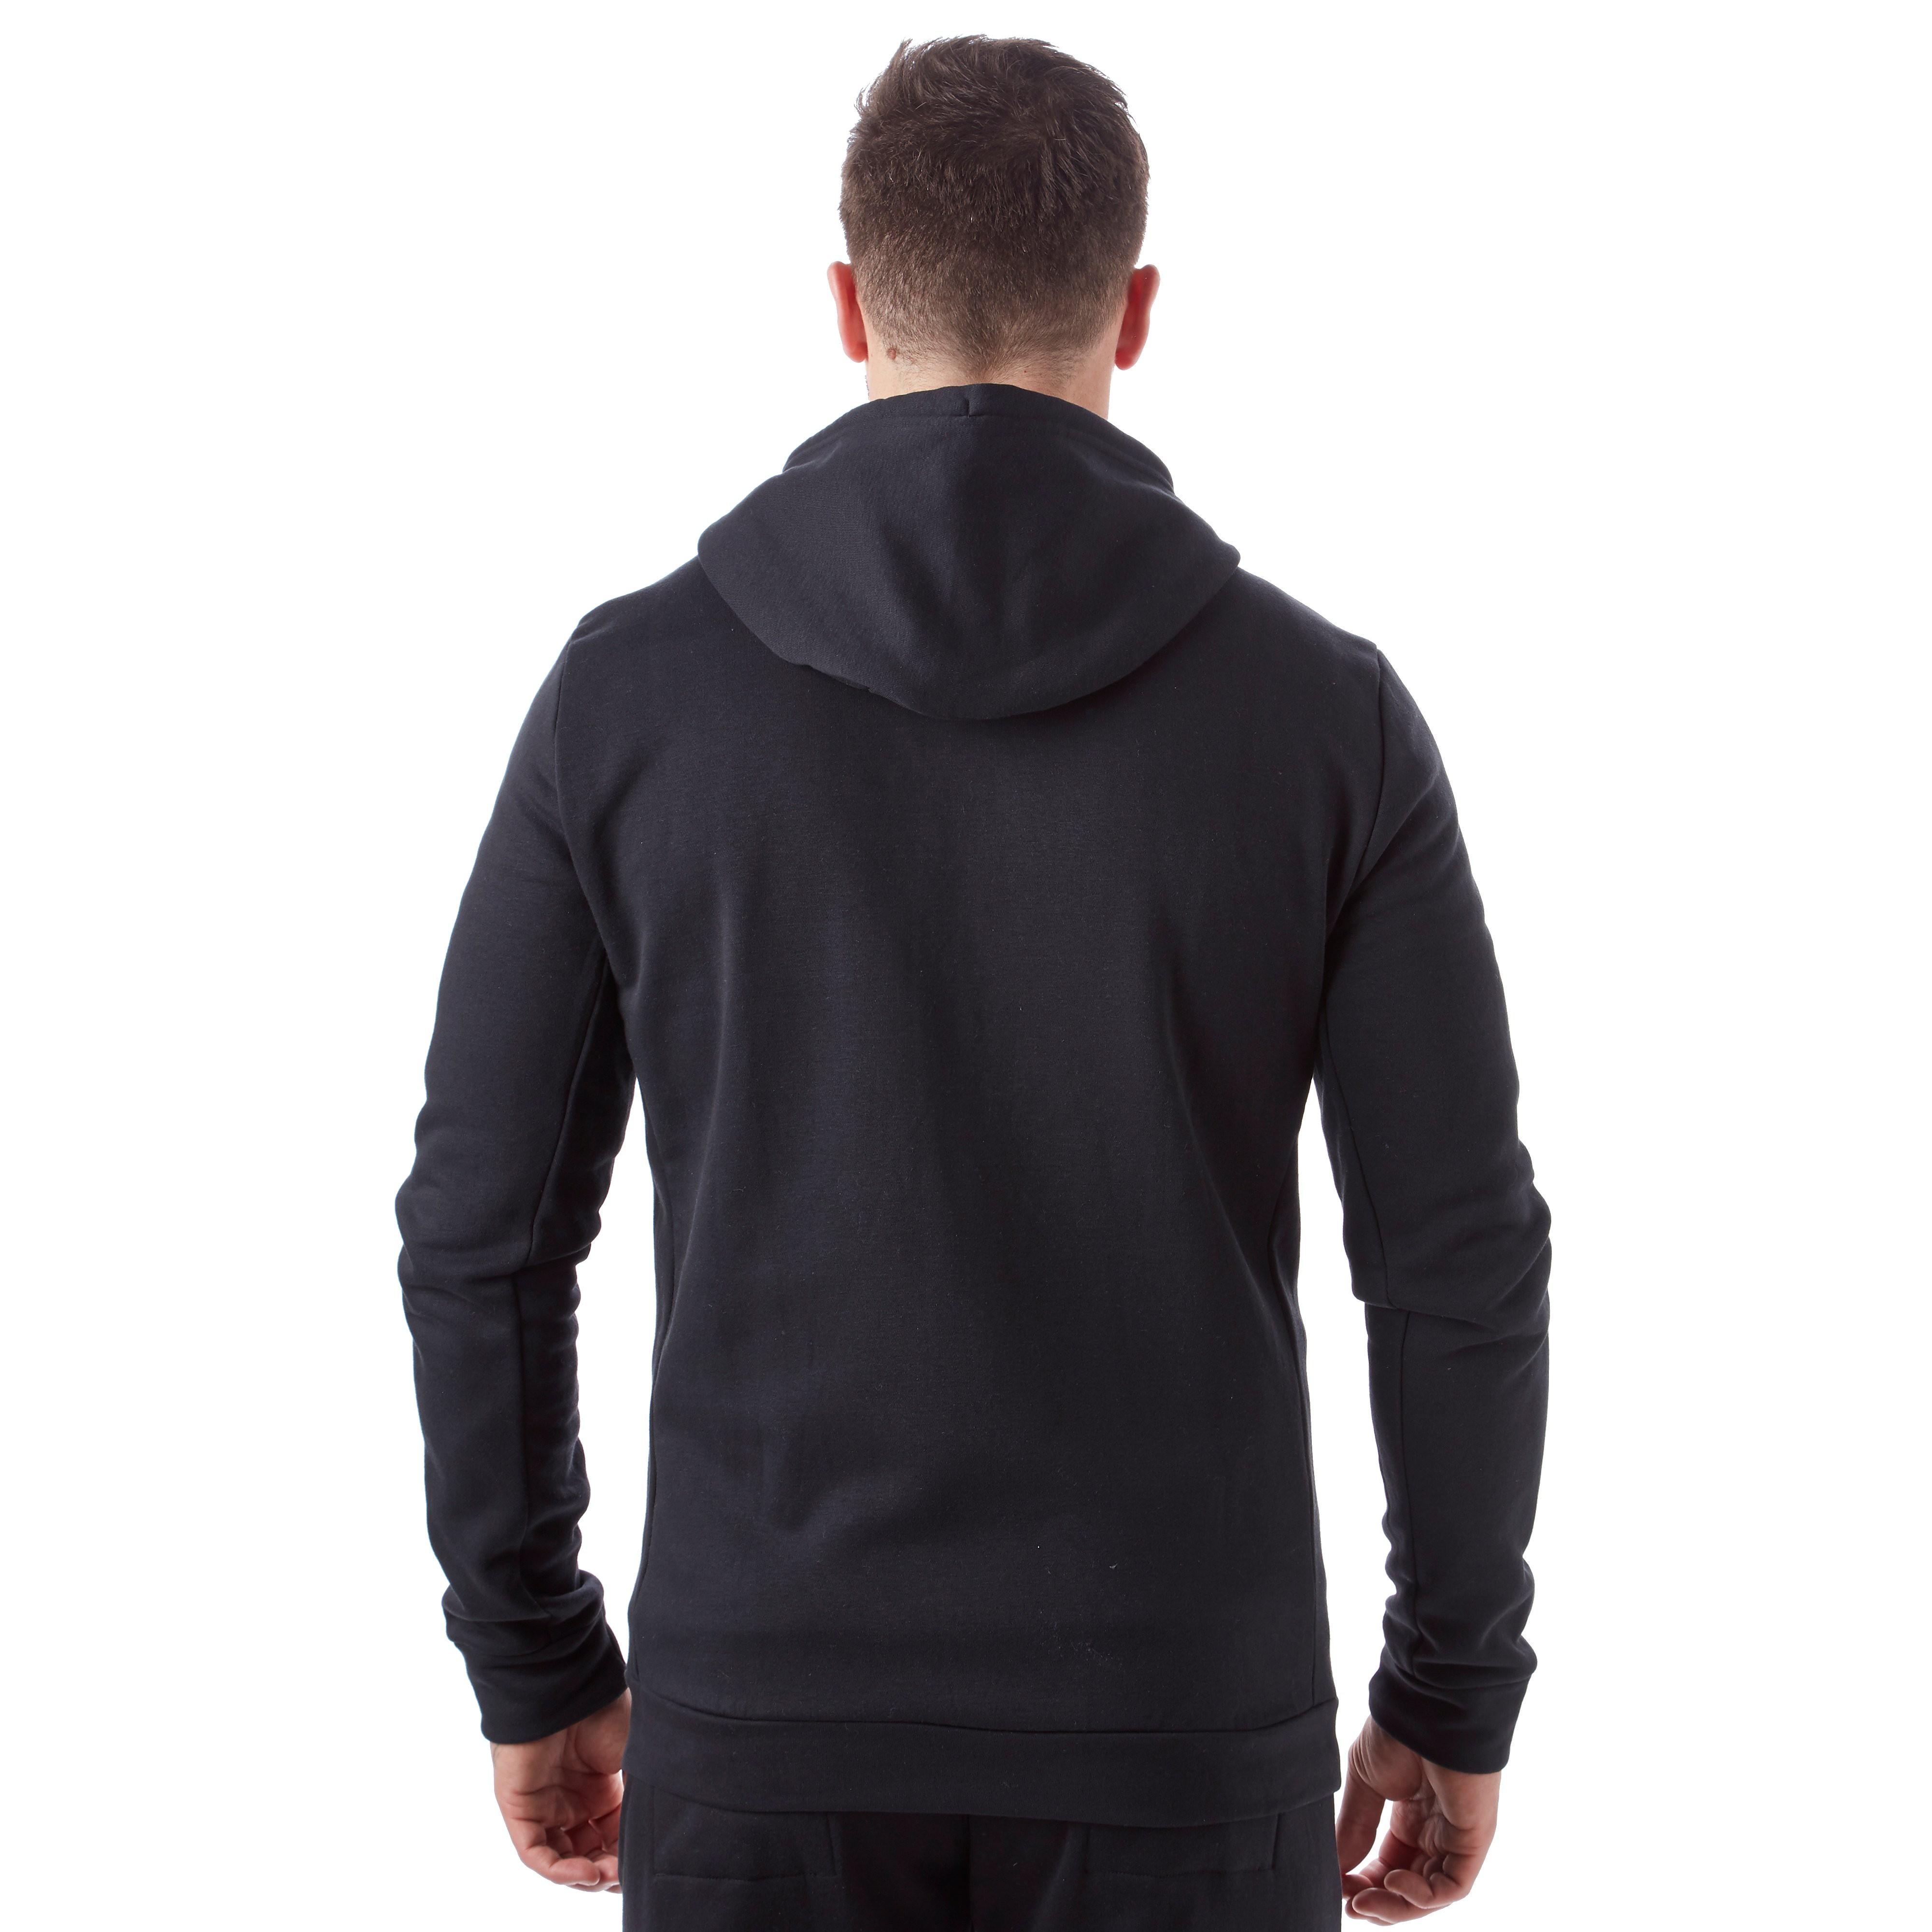 Bjorn Borg Centre Hooded Men's Training Jacket